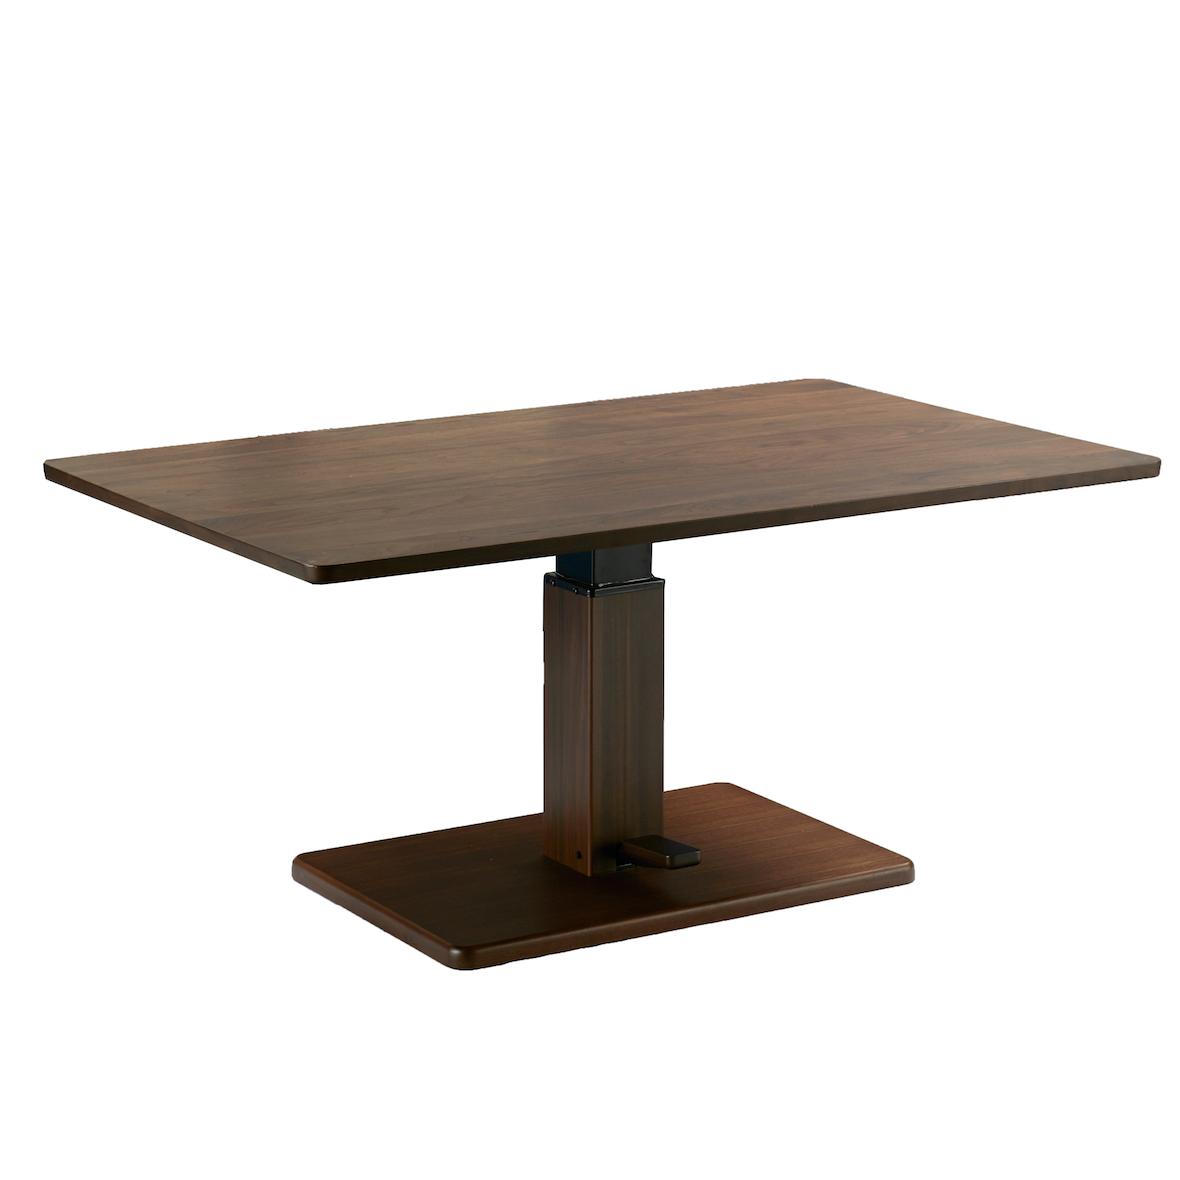 昇降式のダイニングテーブル